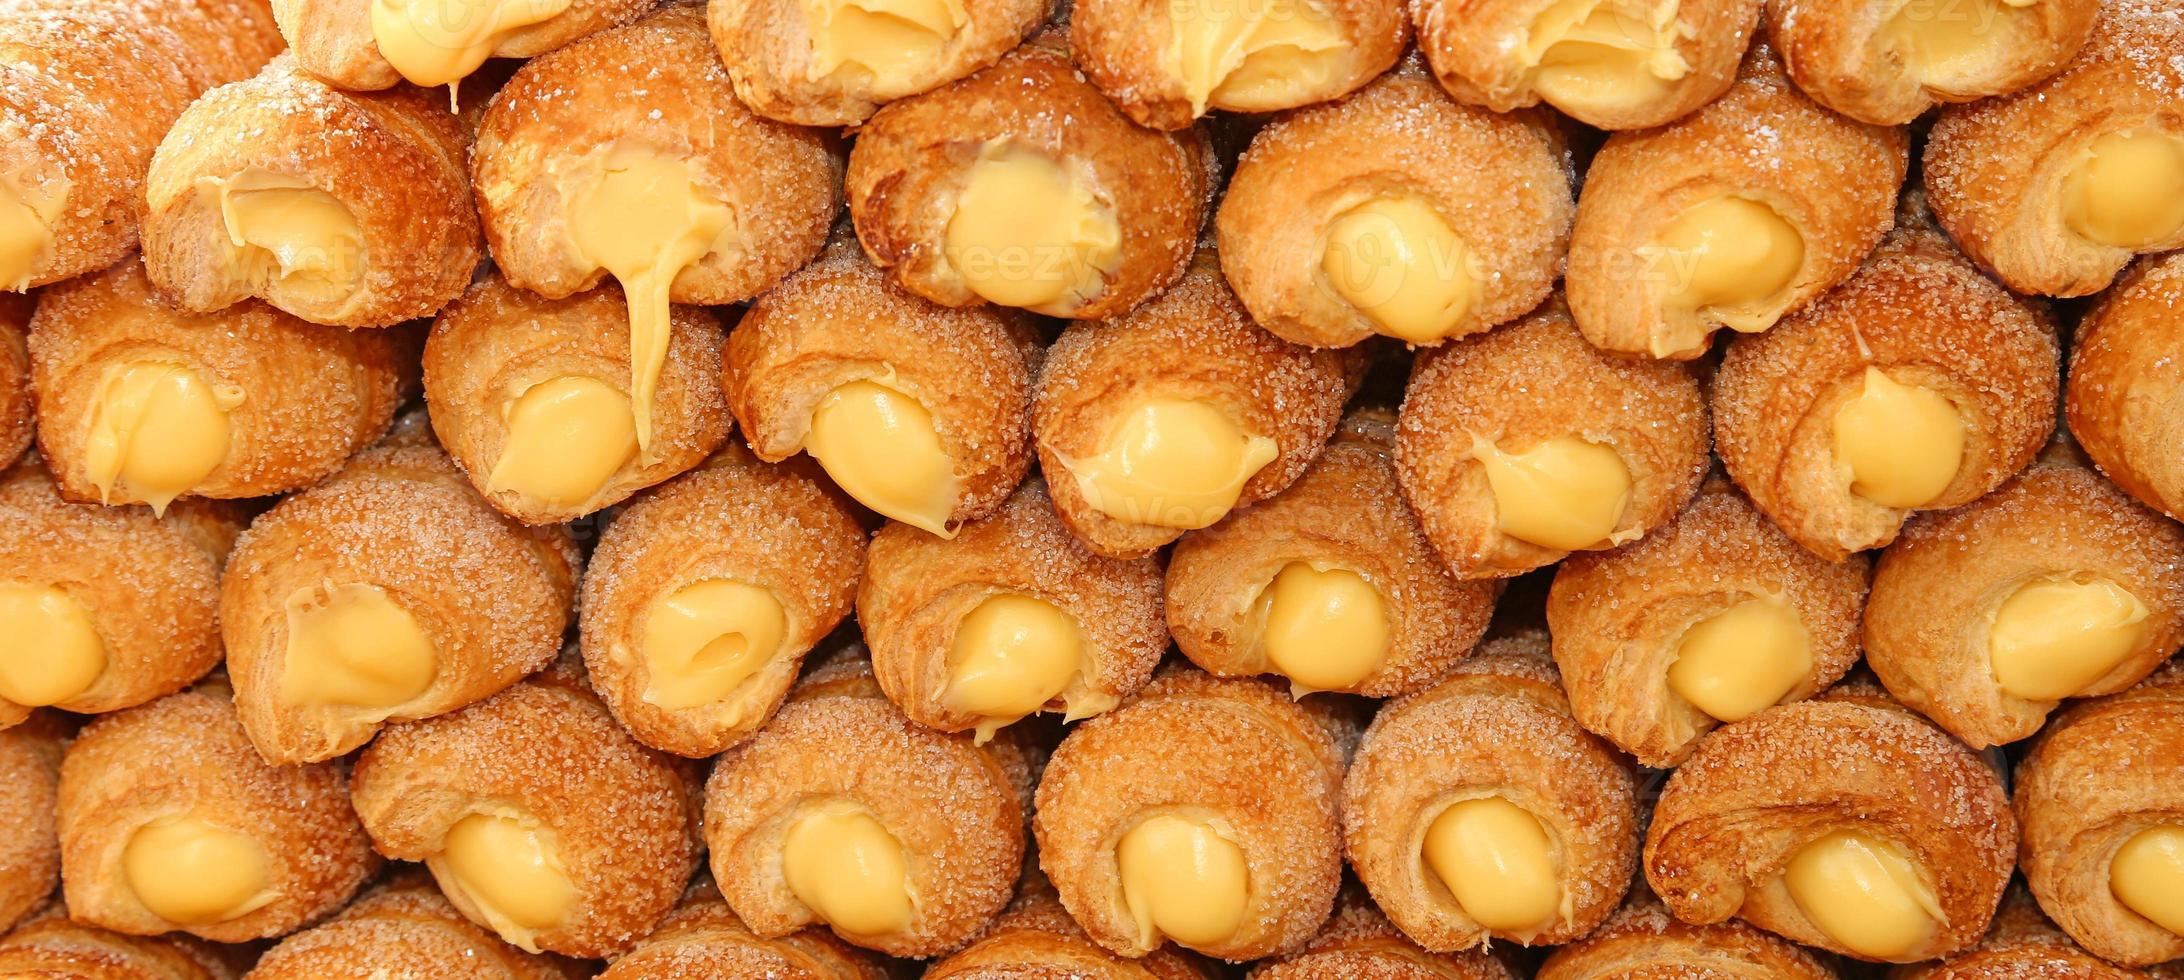 muchos pasteles y crema cannoli a la venta en pastelería foto